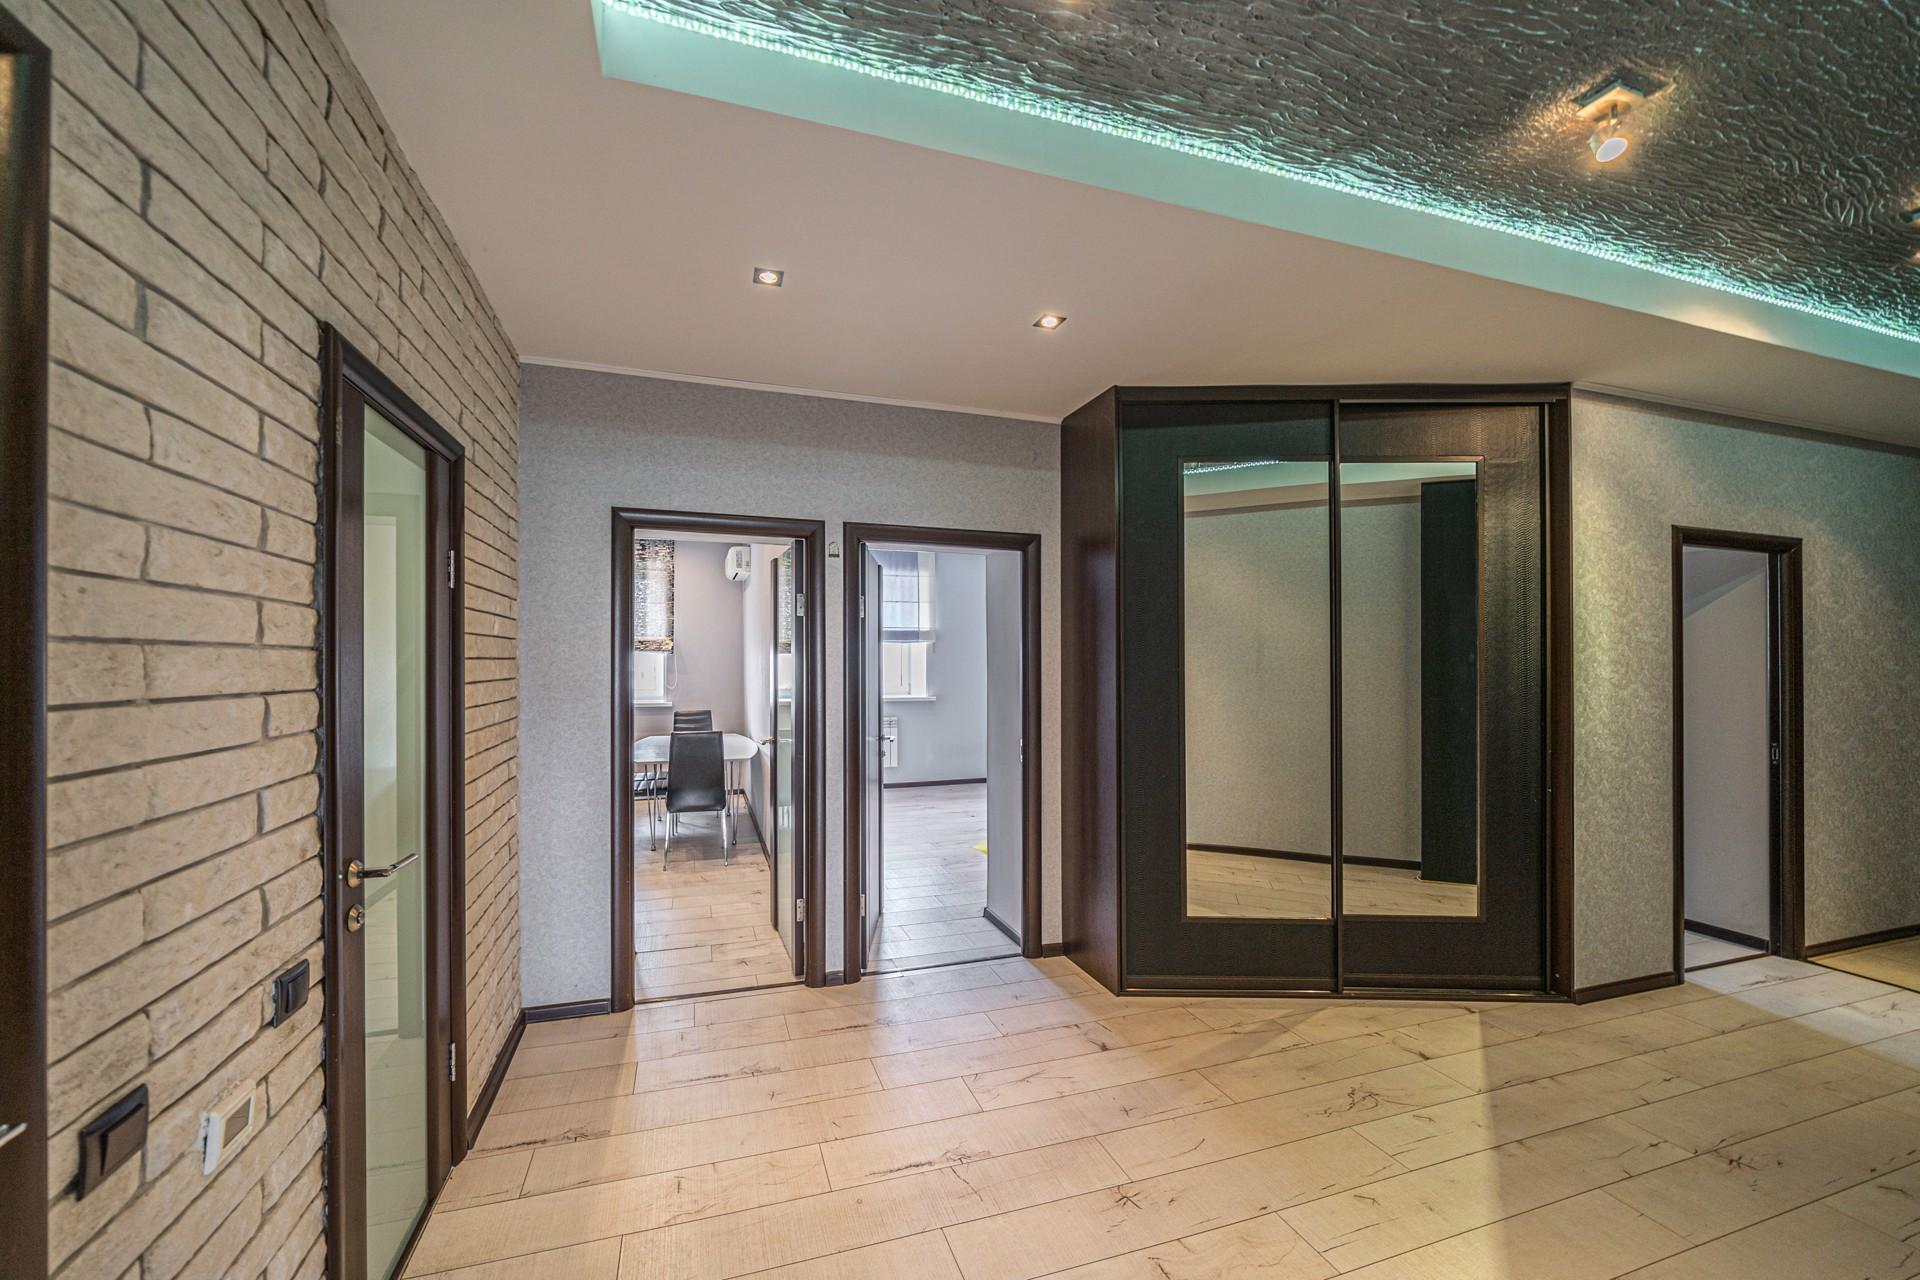 Продажа 3-к квартиры, Липецк, улица Катукова, 19, 84 м², 5600000 ₽